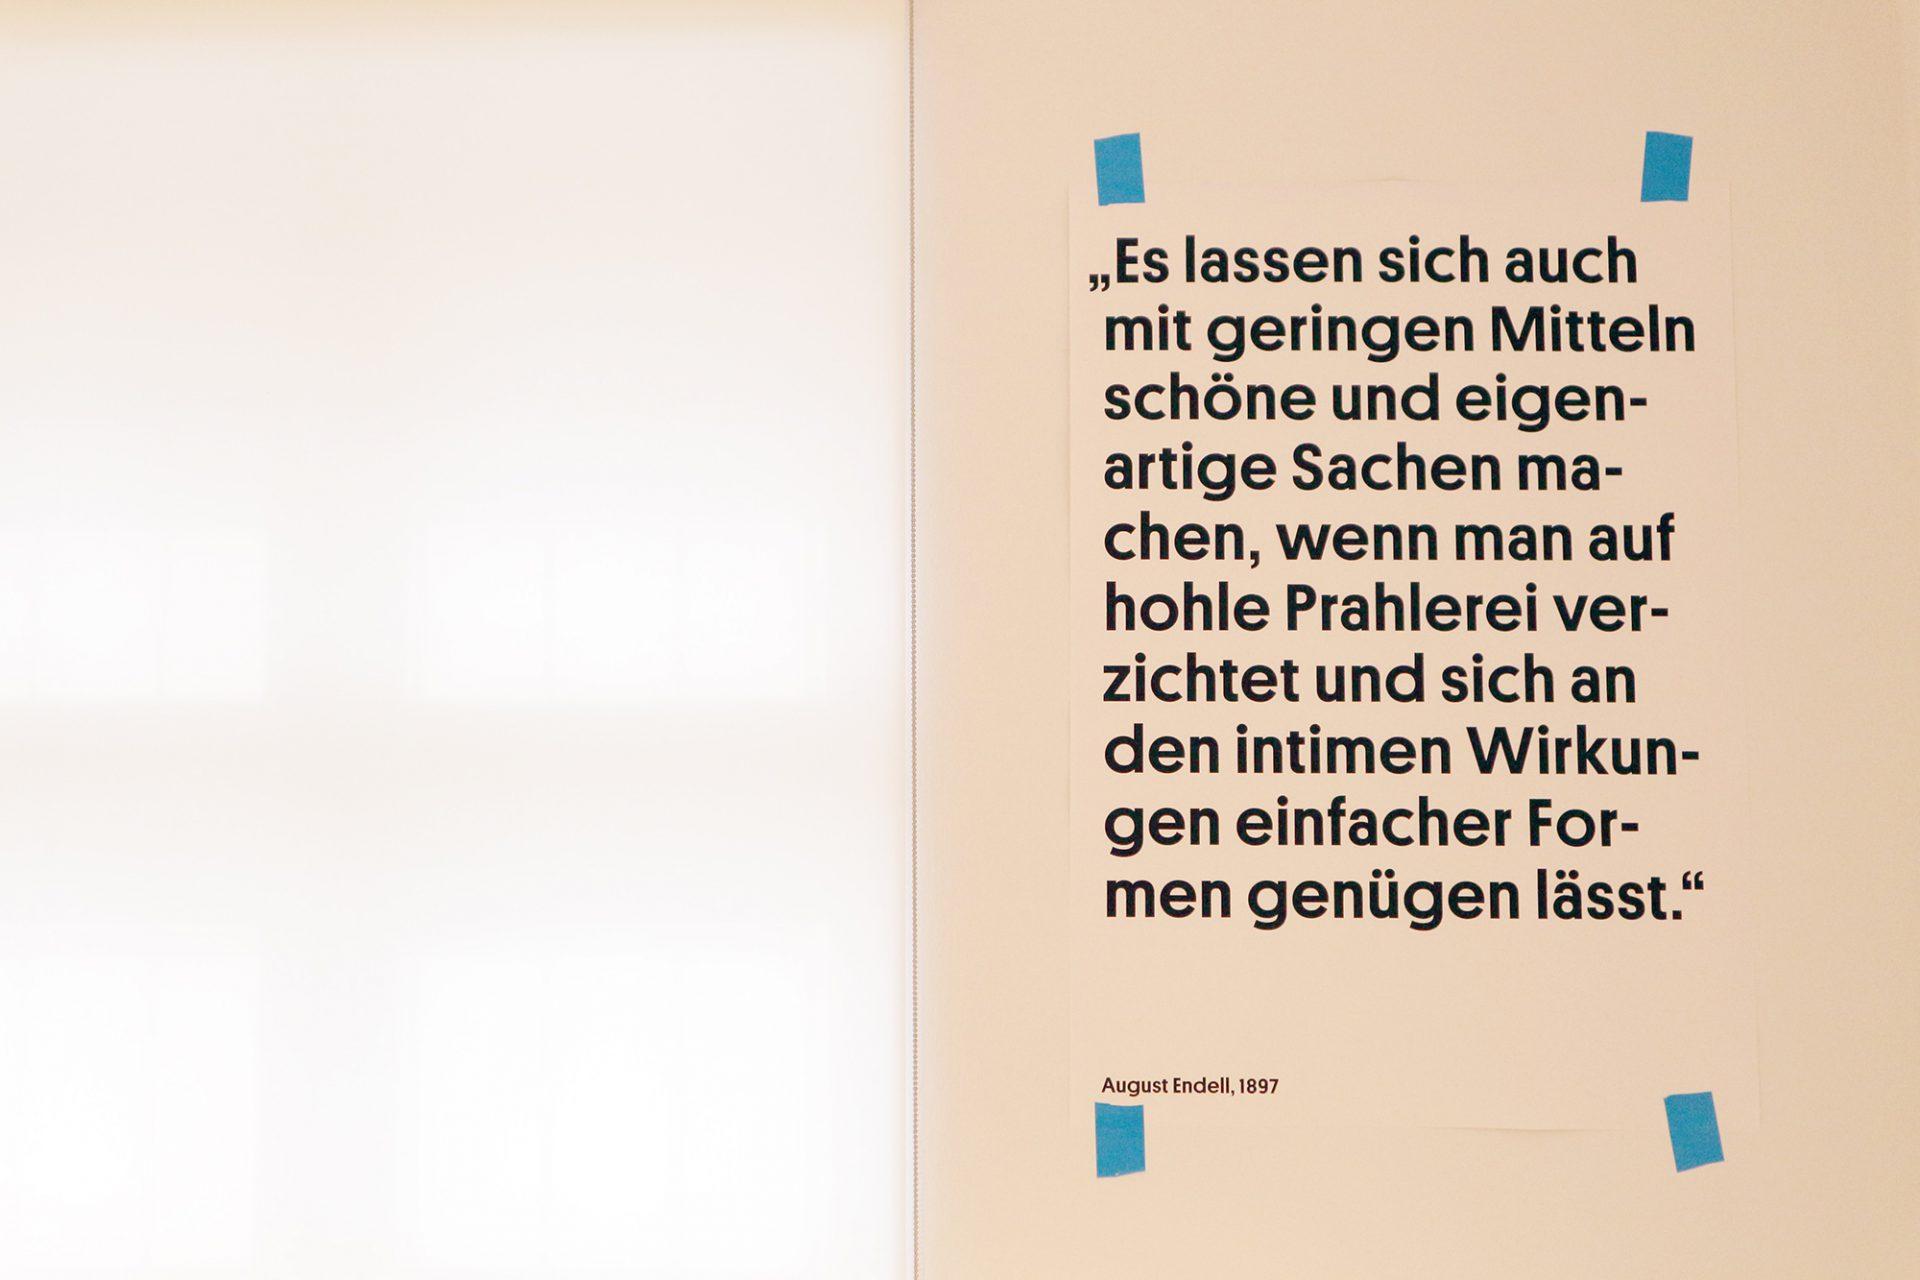 August Endell.  Der Berliner Architekt und Gestalter (1871–1925) gehörte zu den wichtigsten Protagonisten des deutschen Jugendstils.